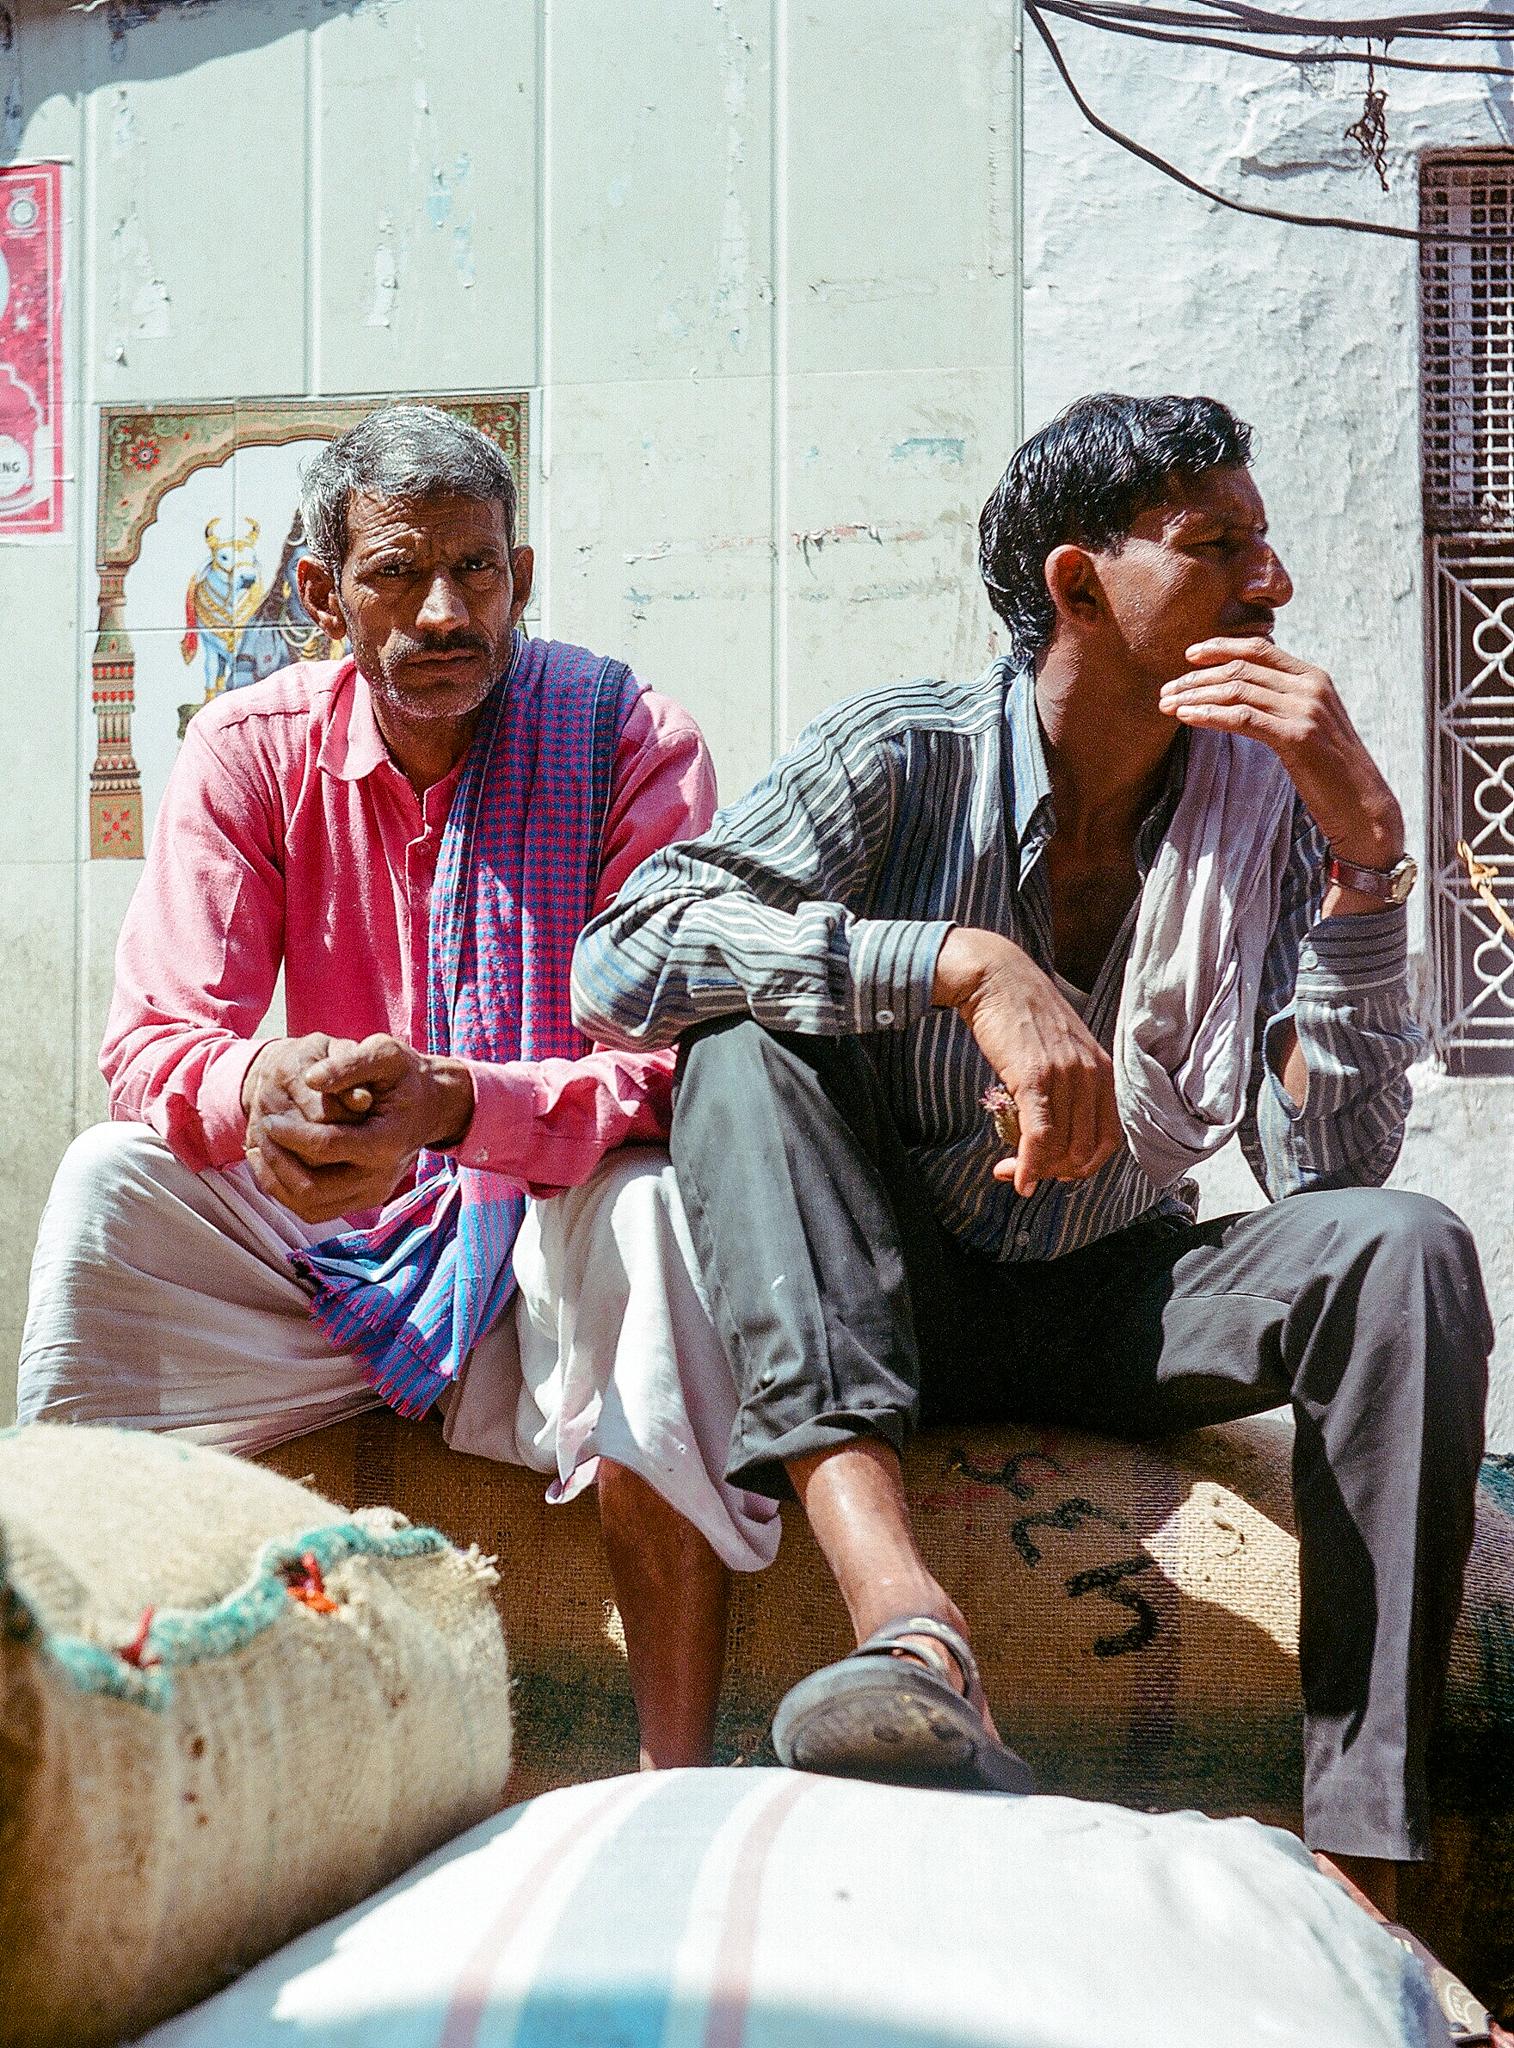 Porteadores en Old Delhi